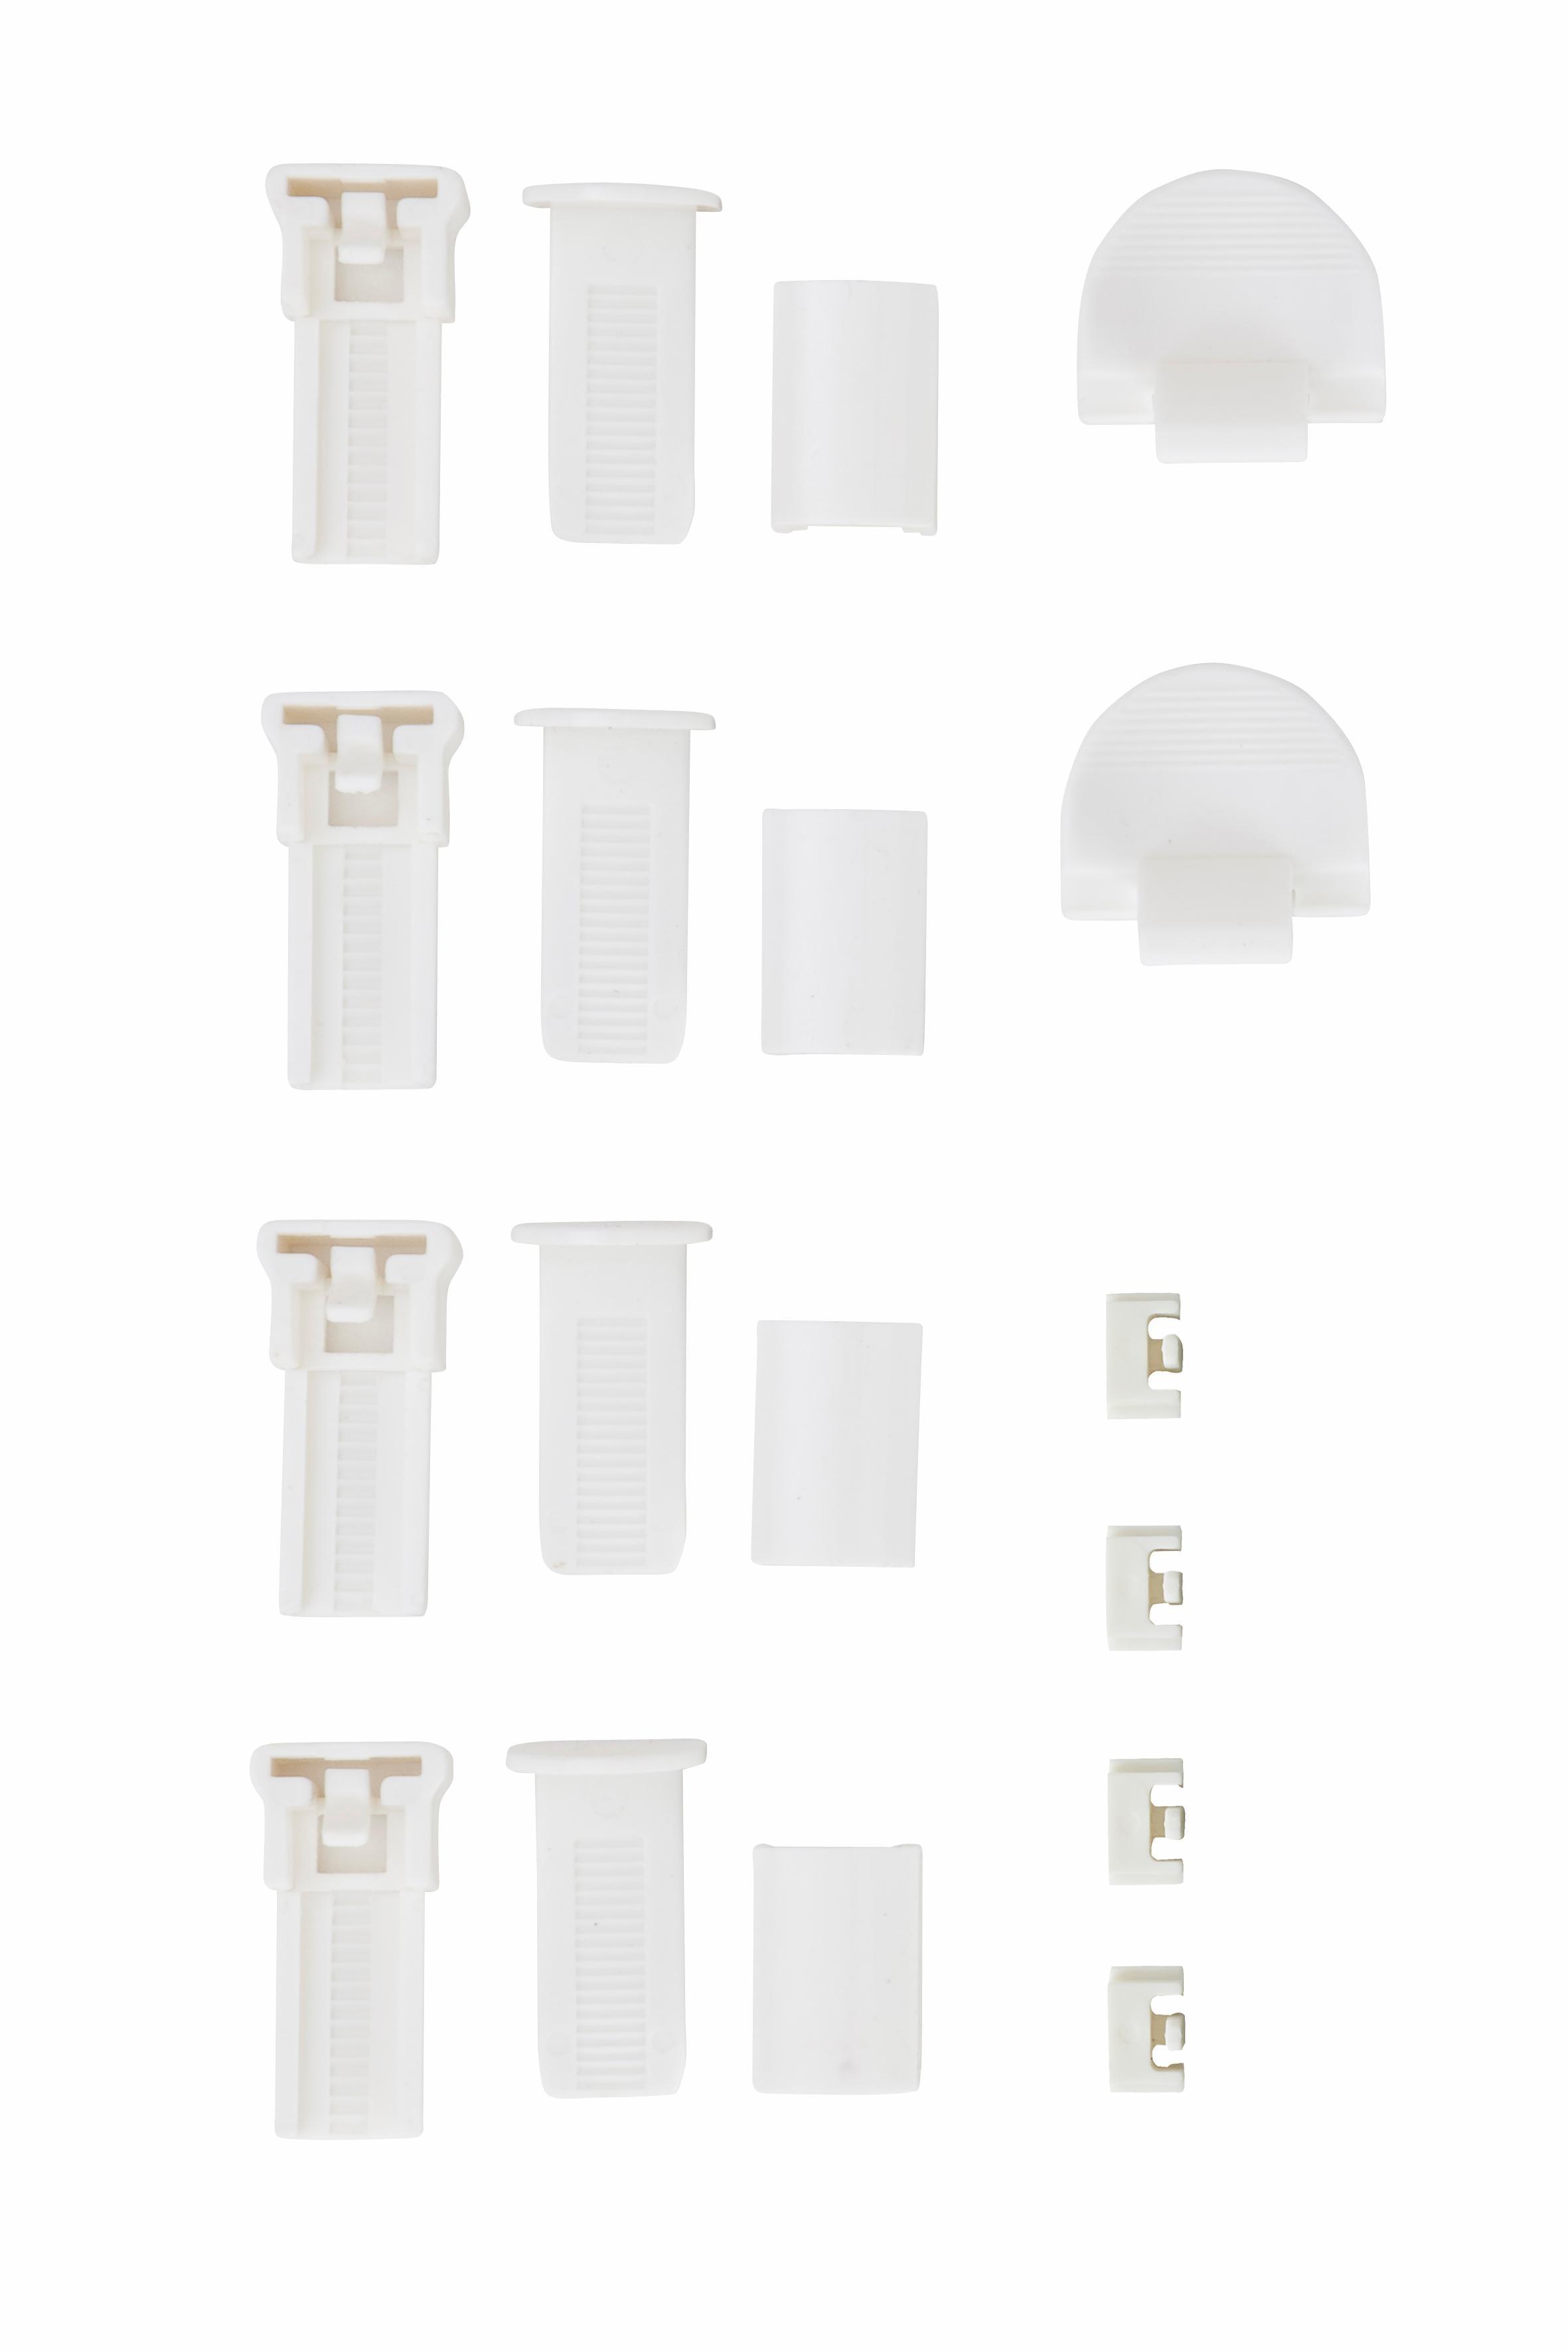 Klemmträger, my home,  Montagezubehör-Set , für Plissee (4 Stück) Preisvergleich